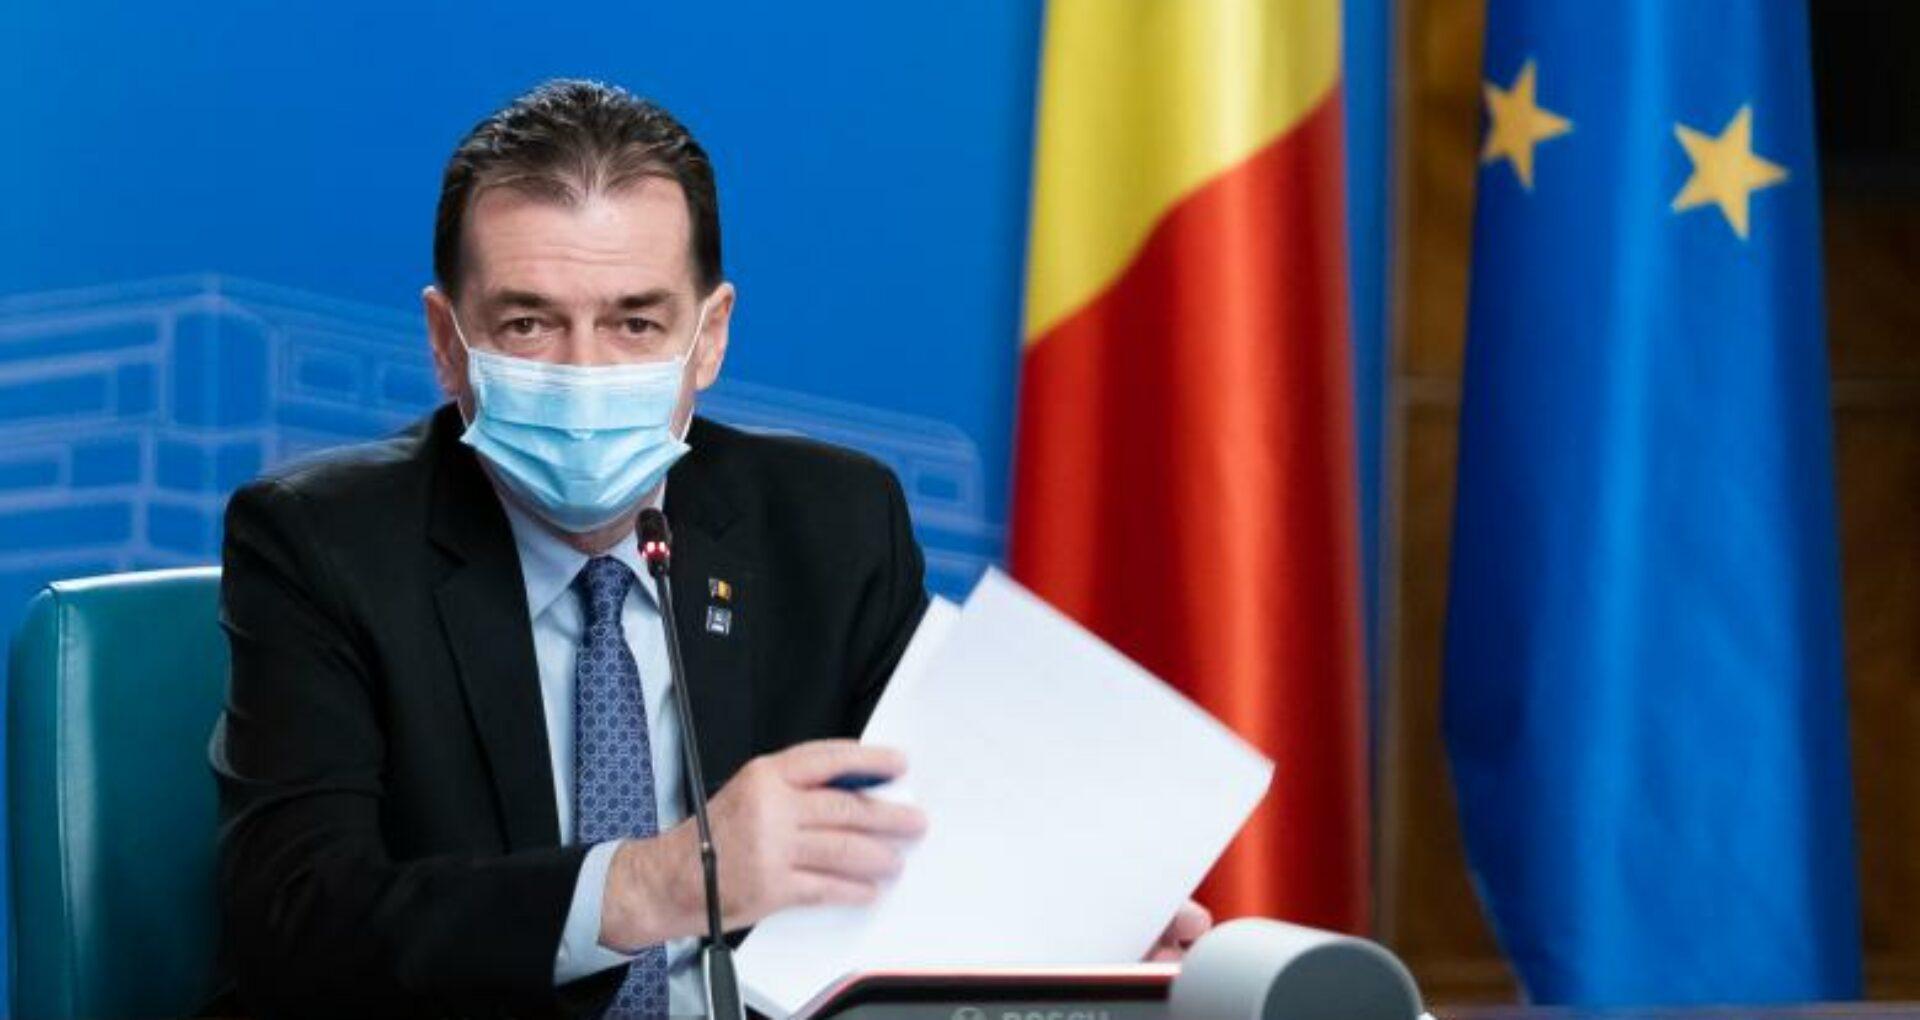 Prim-ministrul României:  Atrag atenţia autorităţilor vremelnice din R. Moldova să nu încerce să politizeze gazoductul Ungheni- Chişinău